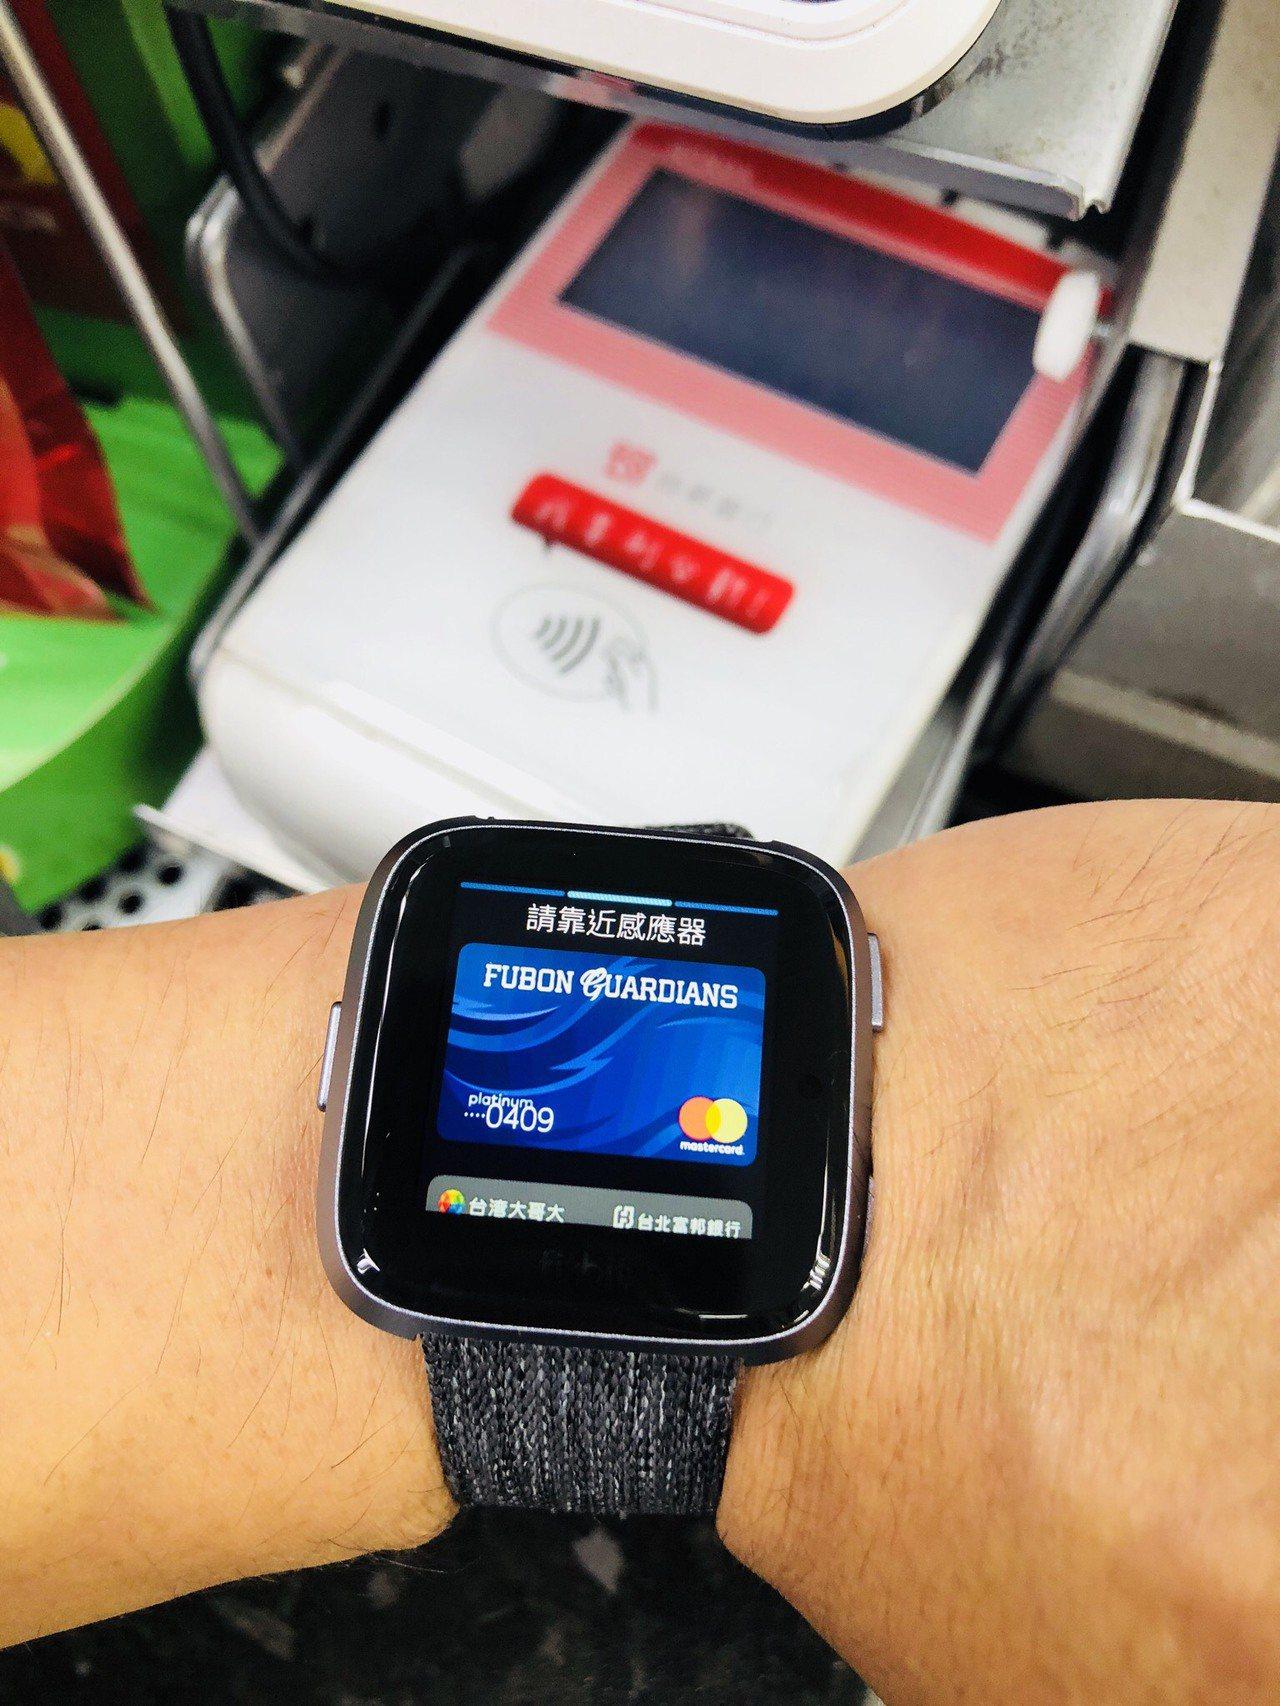 包括北富銀等銀行,與Fitbit合作推出Fitbit Pay,透過手錶這種穿戴式...